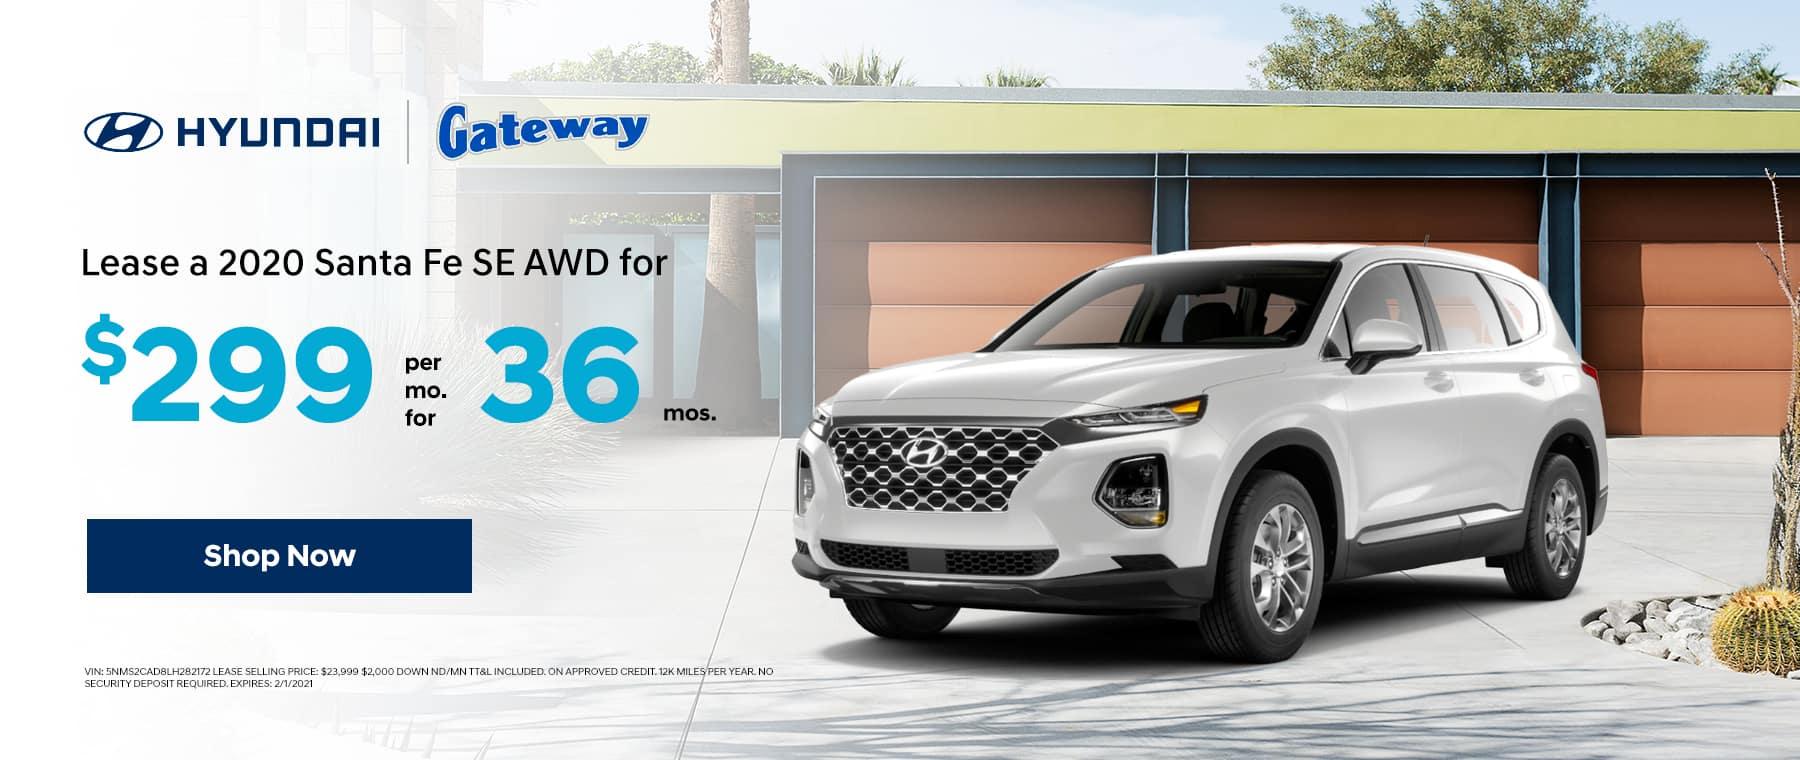 GatewayAutomotive_SL_0220_1800x760 (34)